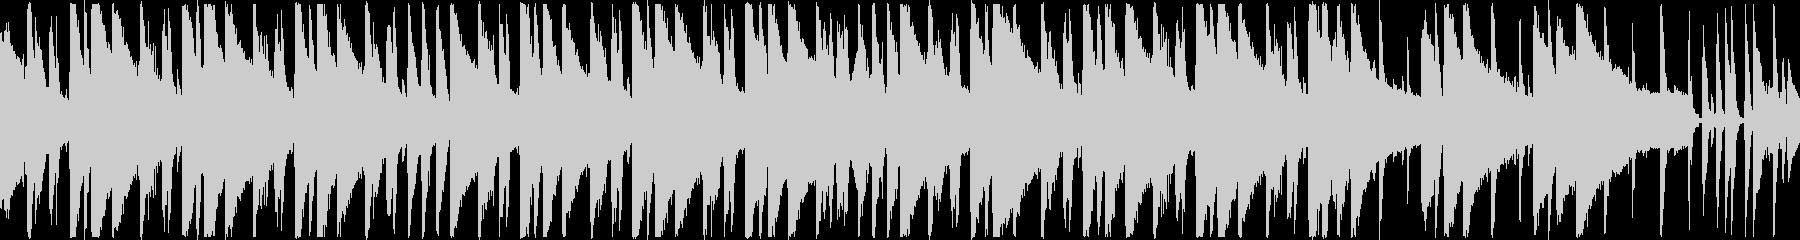 ルージーな印象のピアノポップBGMの未再生の波形